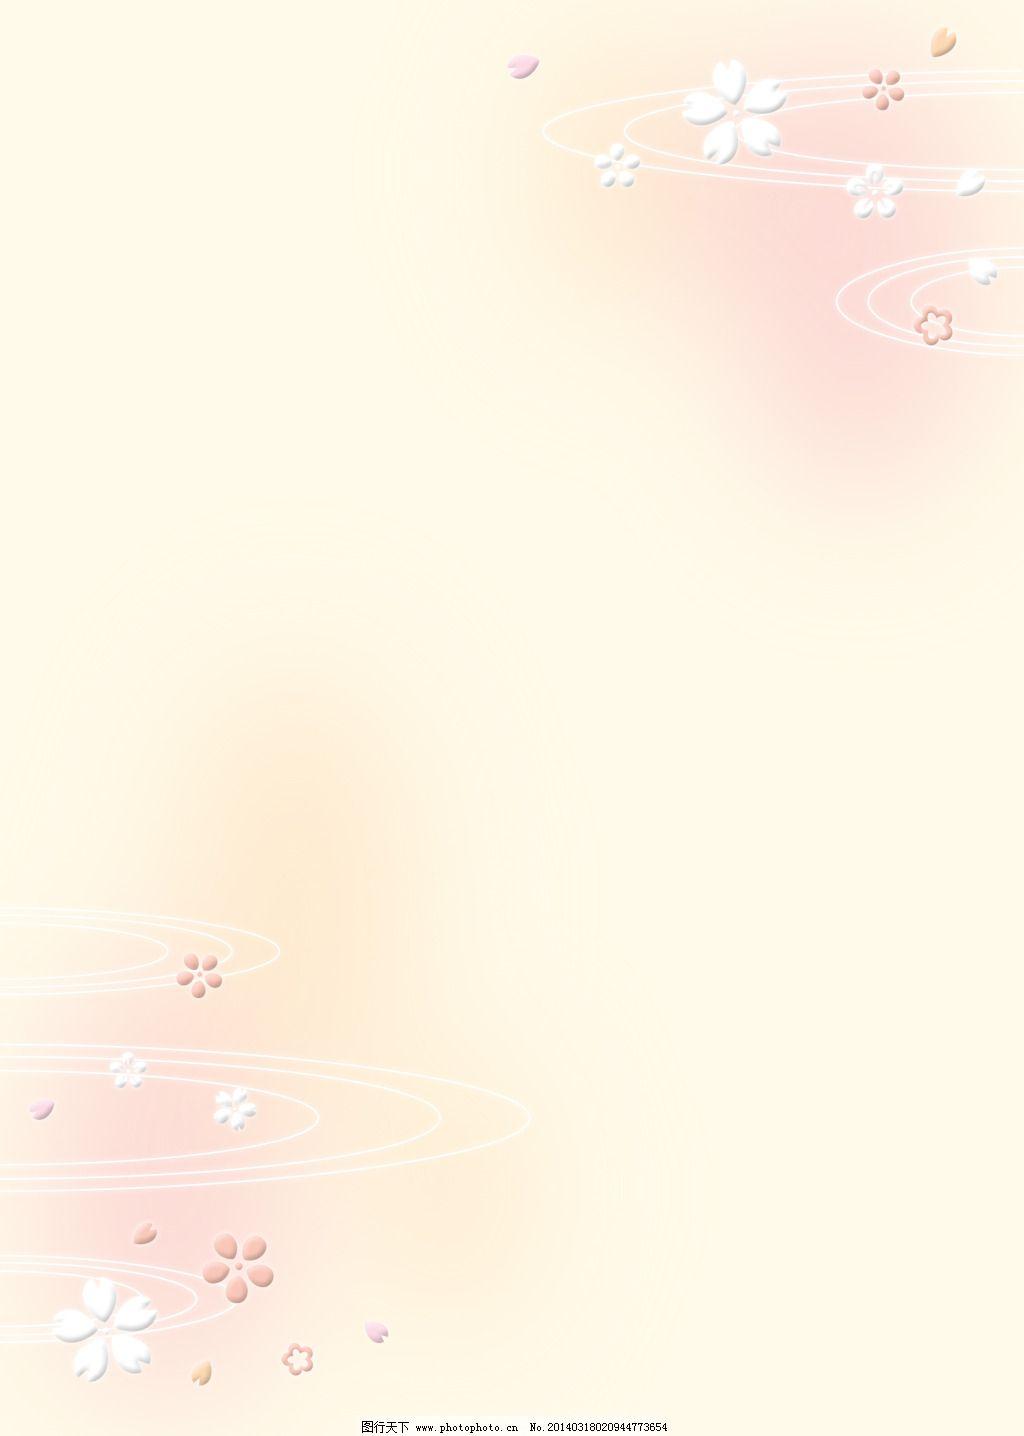 粉色 渐变 碎花 心形 粉色 米白 碎花 心形 渐变 图片素材 背景图片